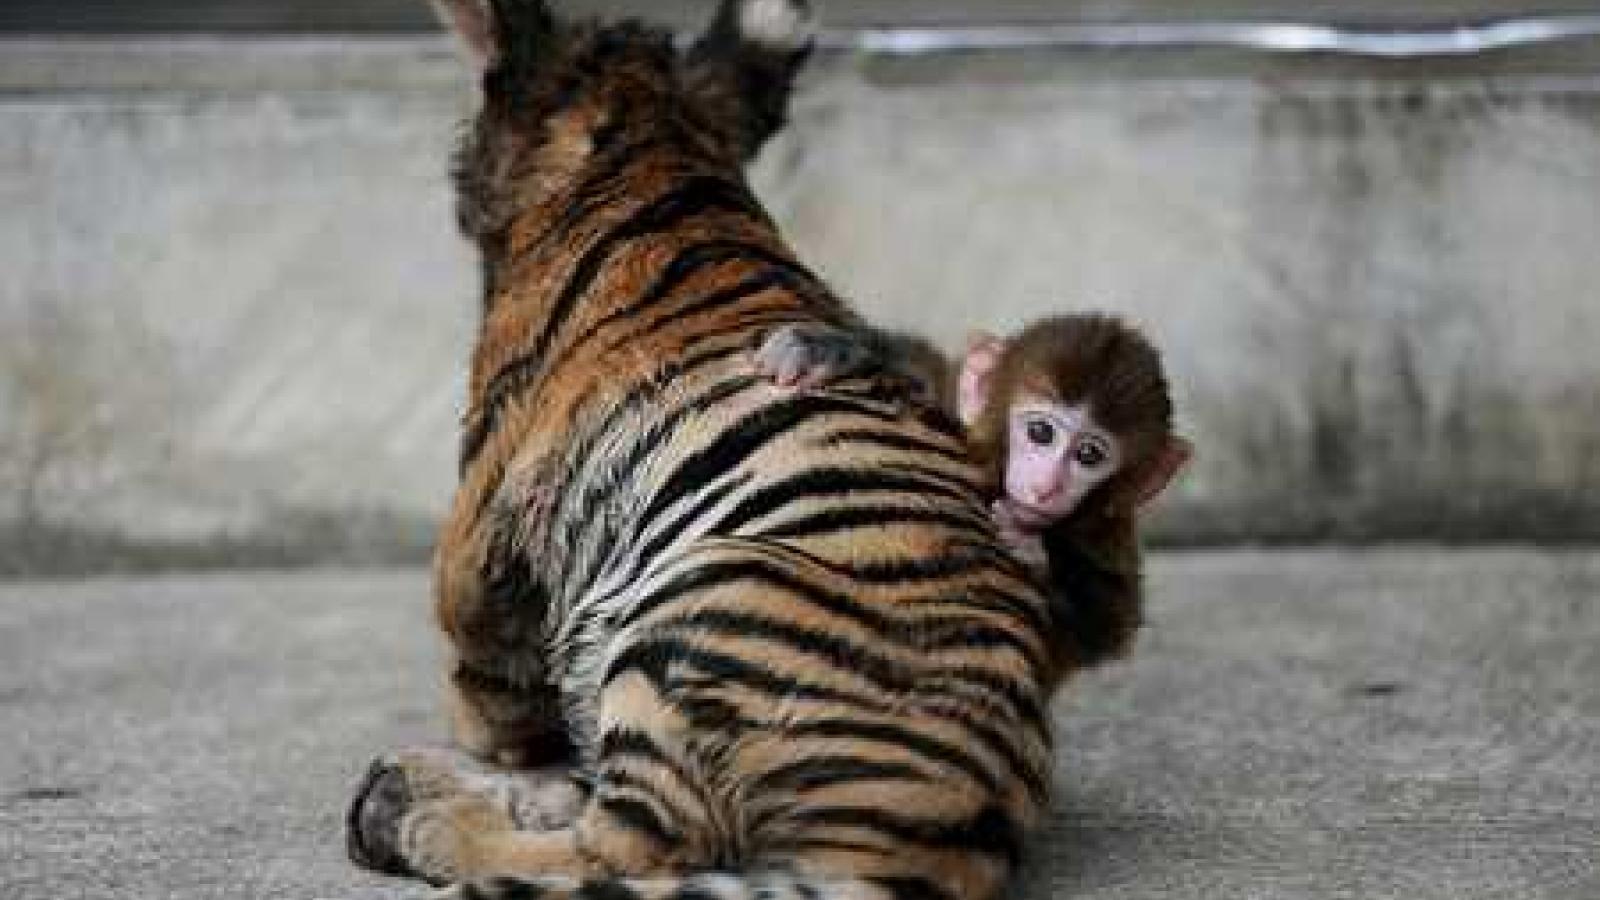 Thú vị khoảnh khắc hổ con và khỉ con quấn quýt chơi đùa với nhau